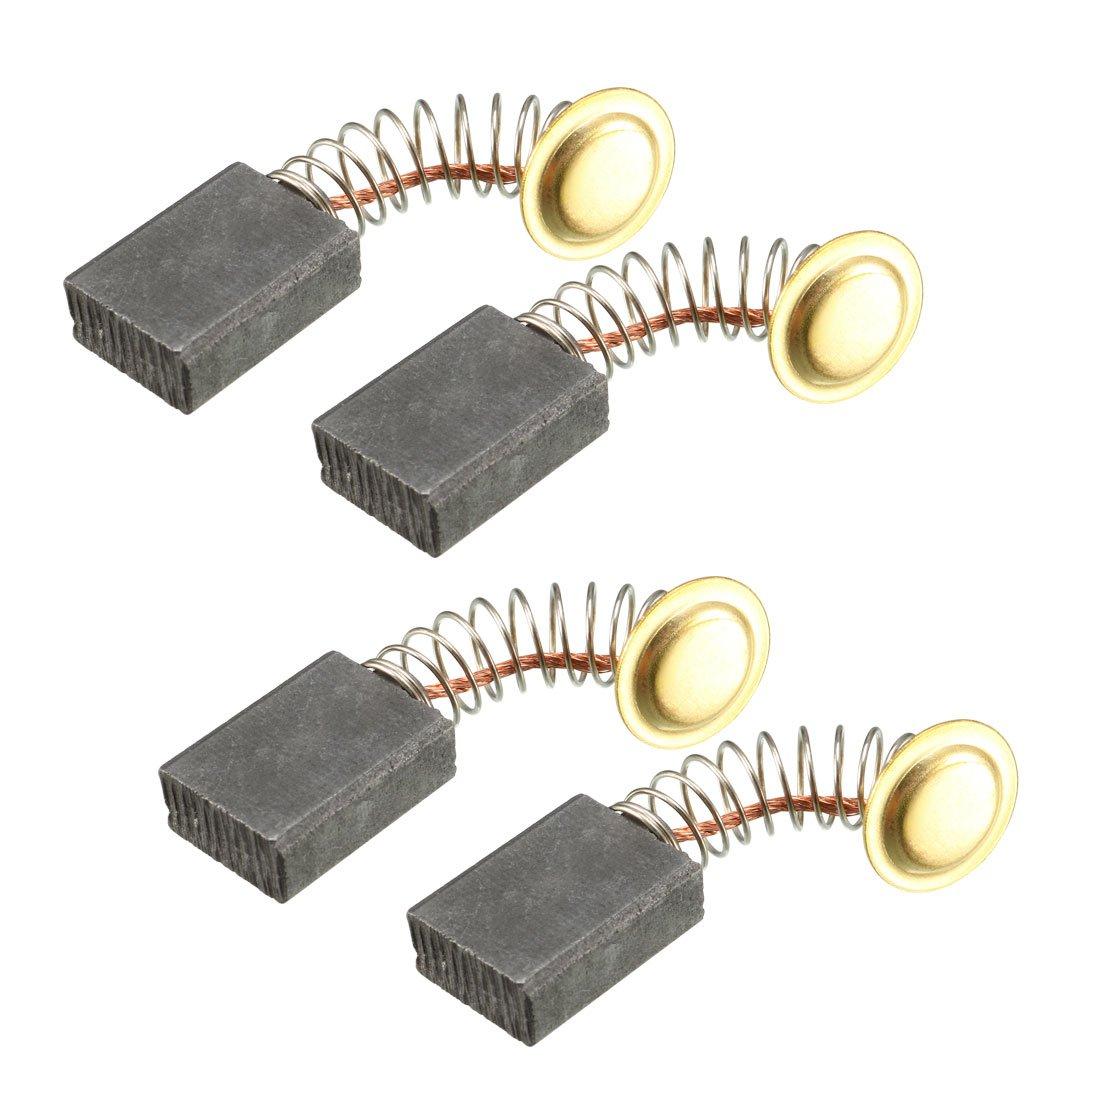 8 escobillas de carbón de repuesto para amoladora angular eléctrica, 5 x 8 x 14 mm